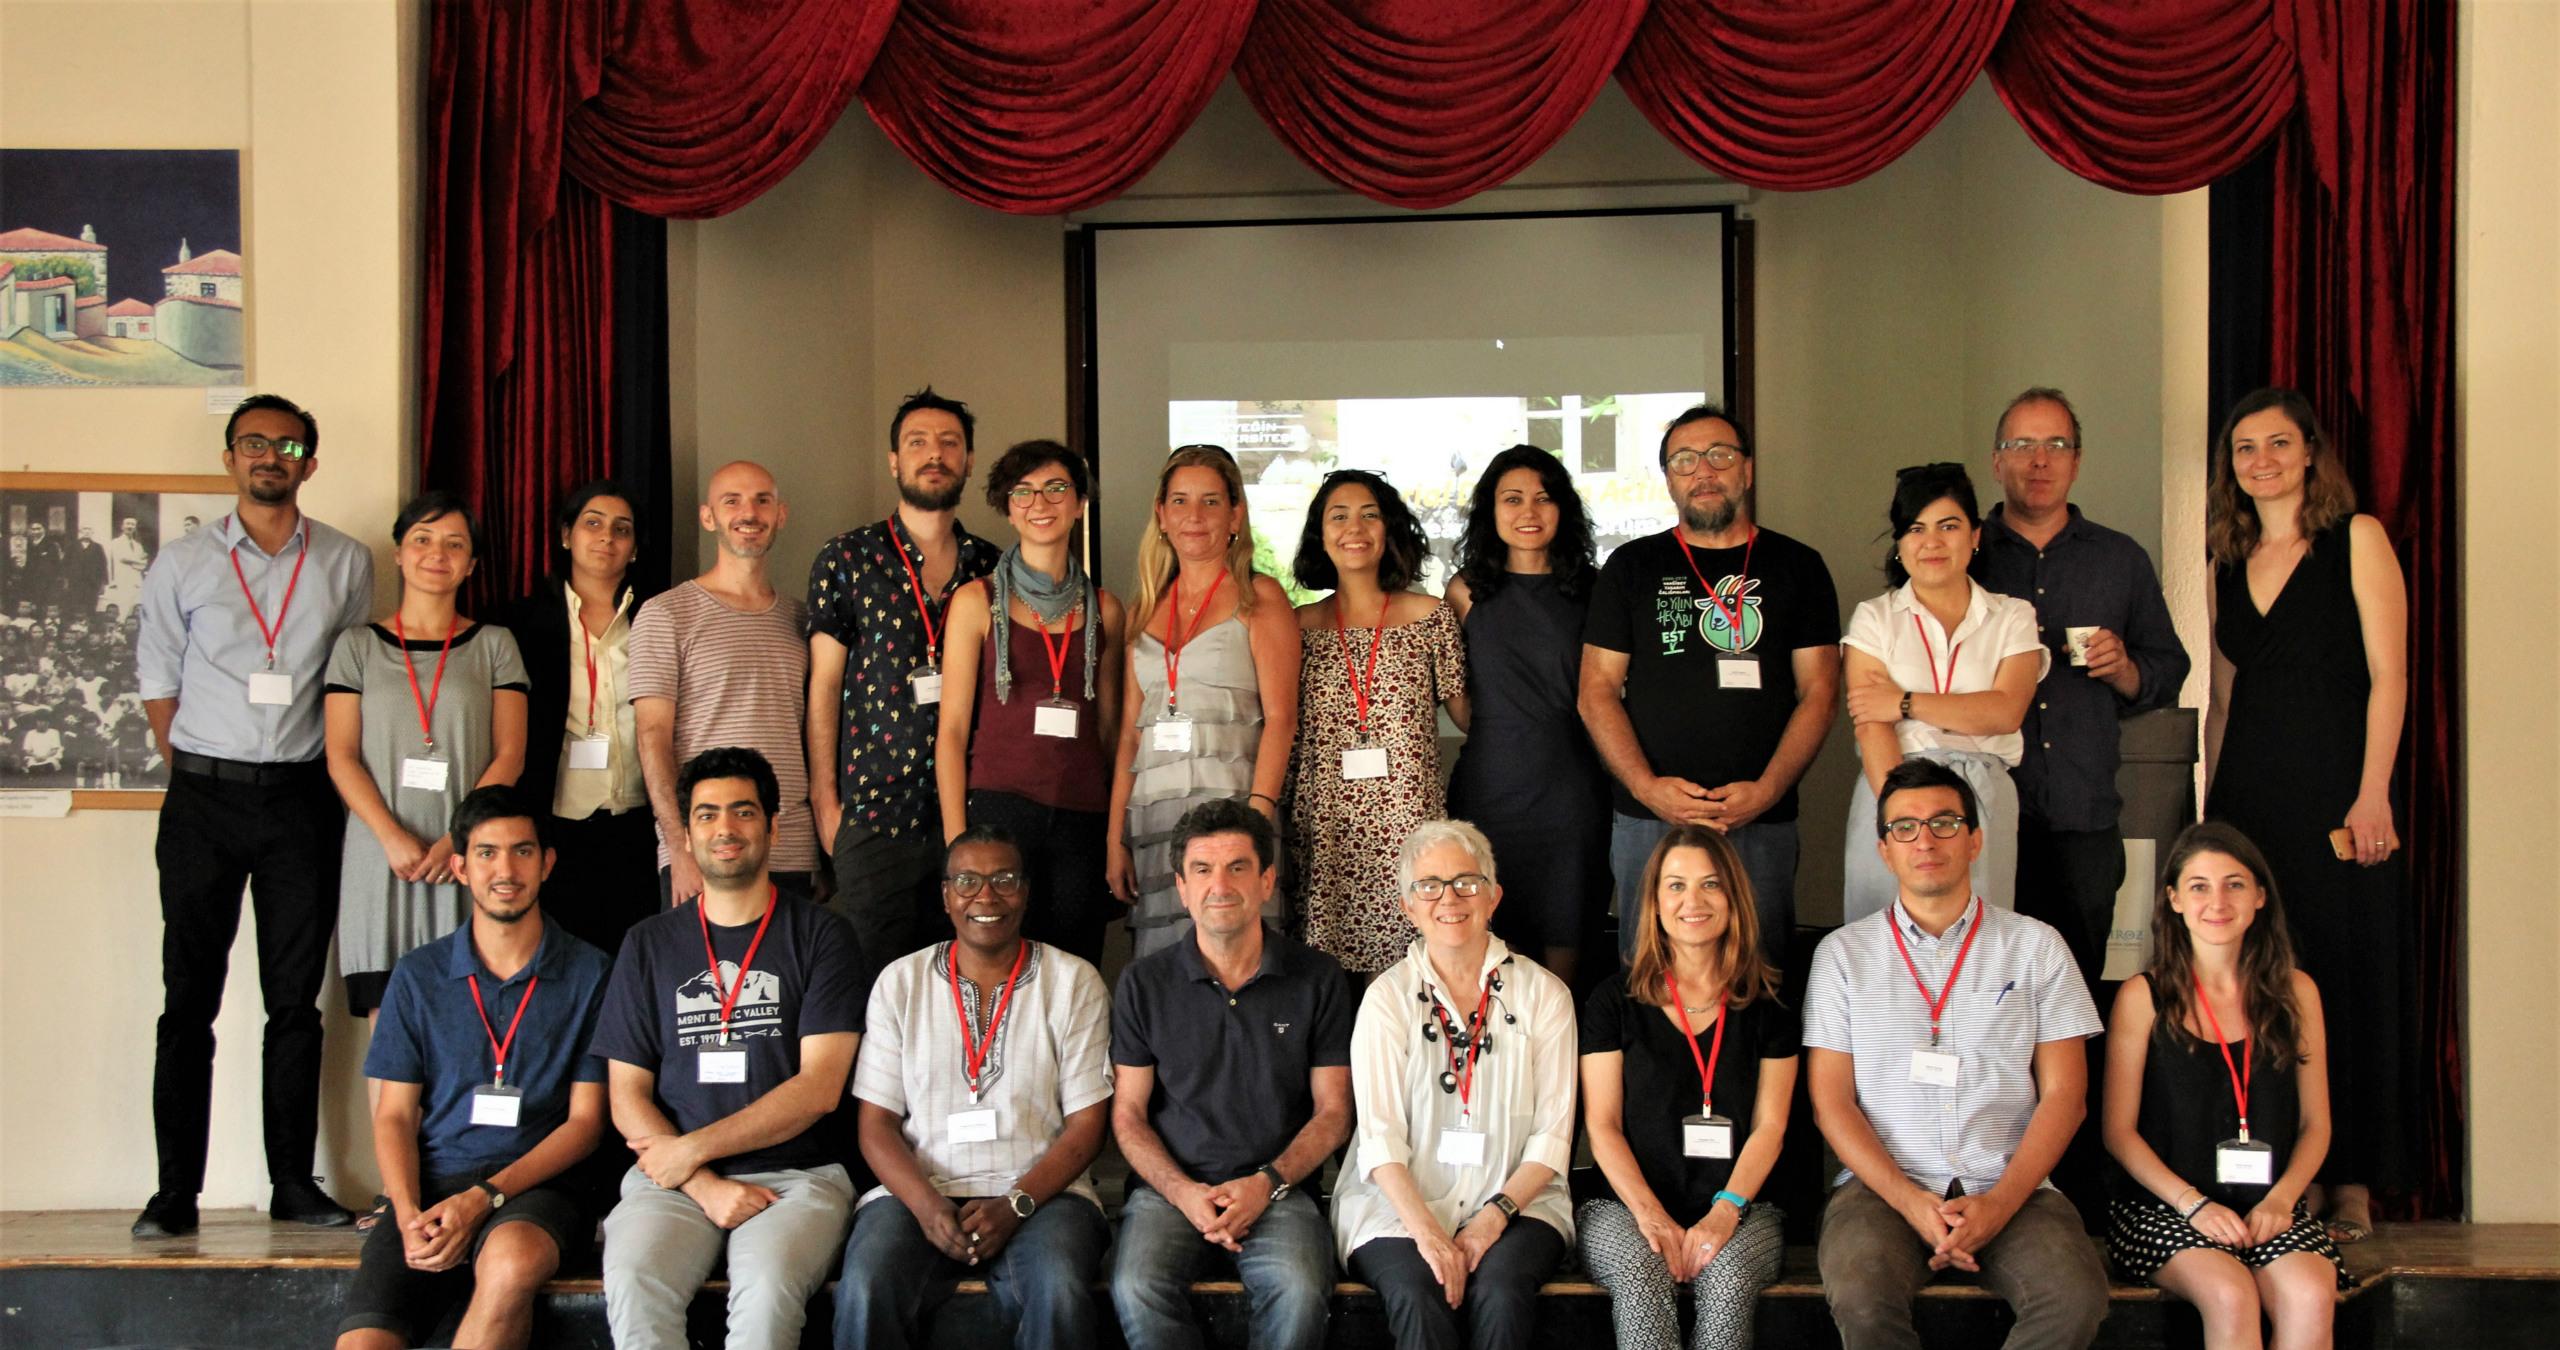 Gökçeada'nın sosyal gelişim süreci dünyanın dört bir yanından katılımcılarla masaya yatırıldı